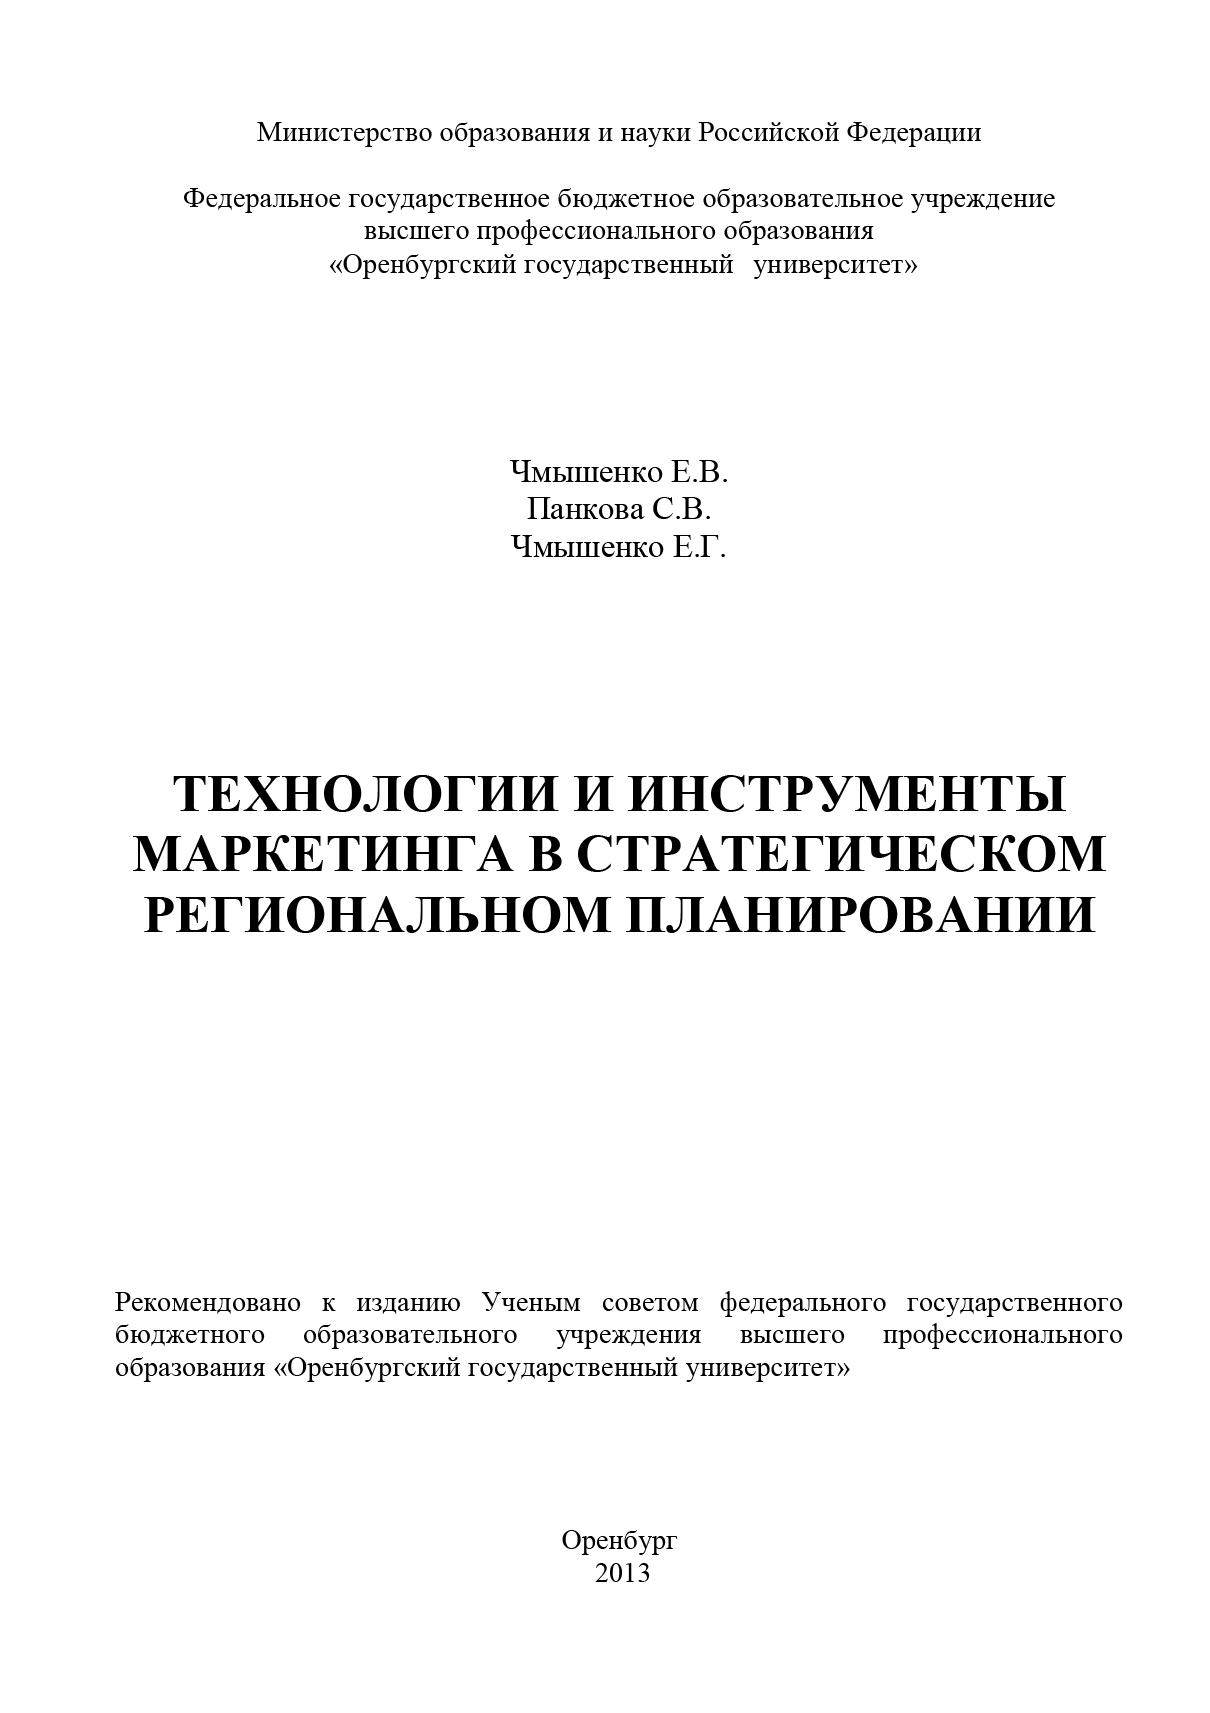 С. В. Панкова Технологии и инструменты маркетинга в стратегическом региональном планировании в а косьянов методические основы формирования горно металлургического кластера в южной якутии